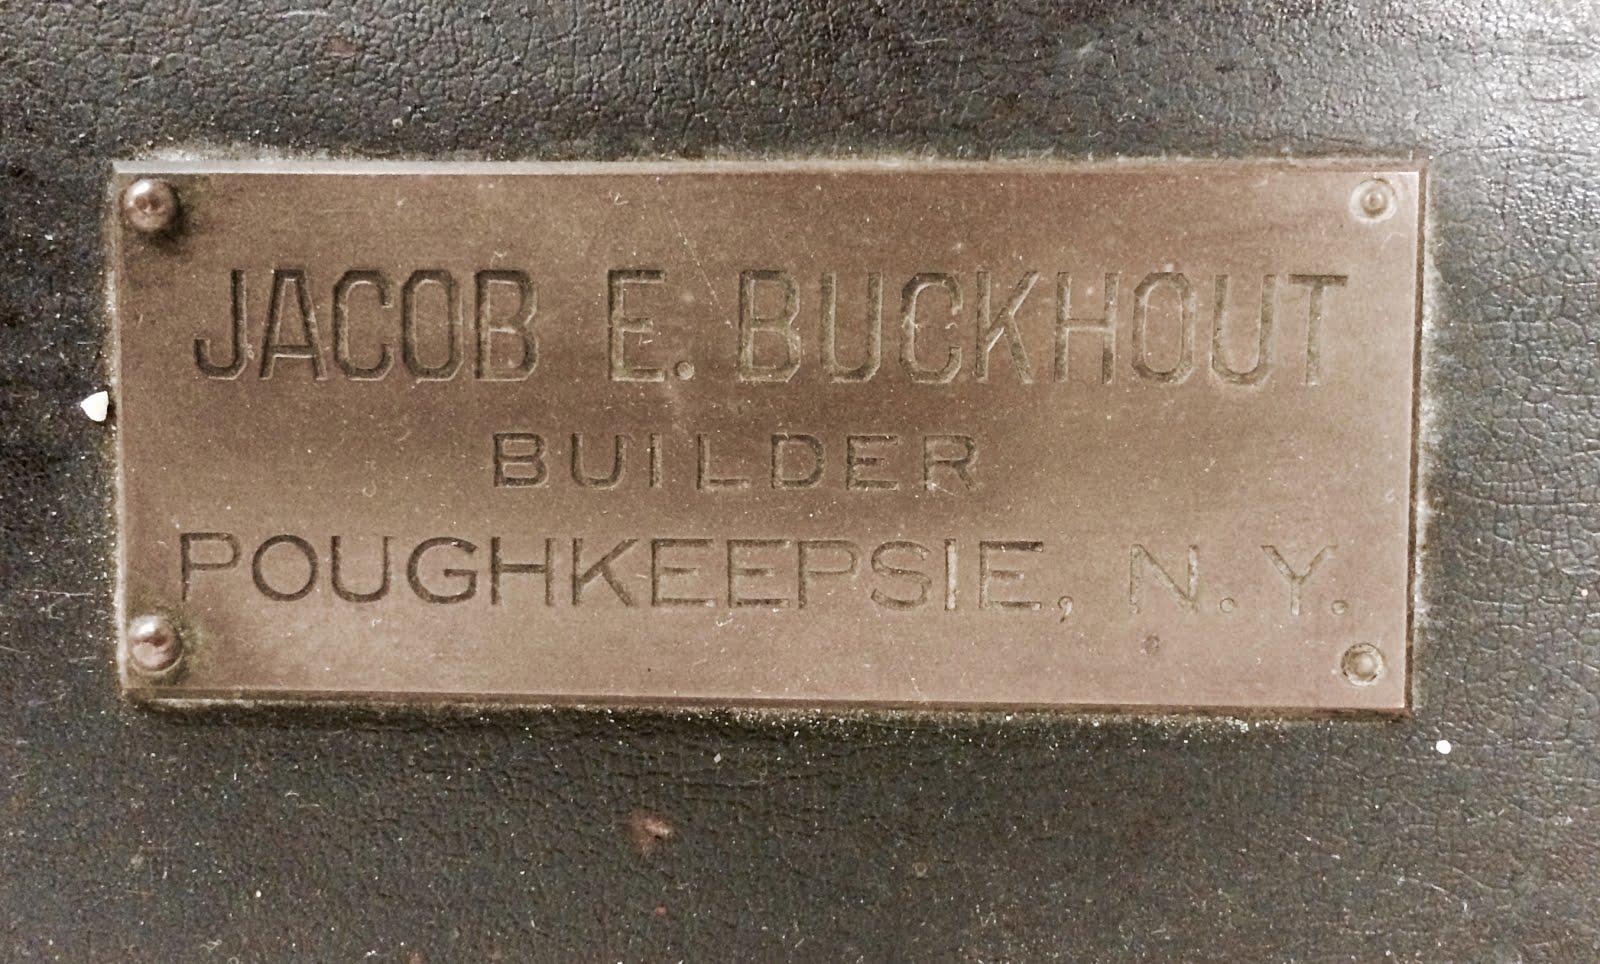 Jacob Buckhout